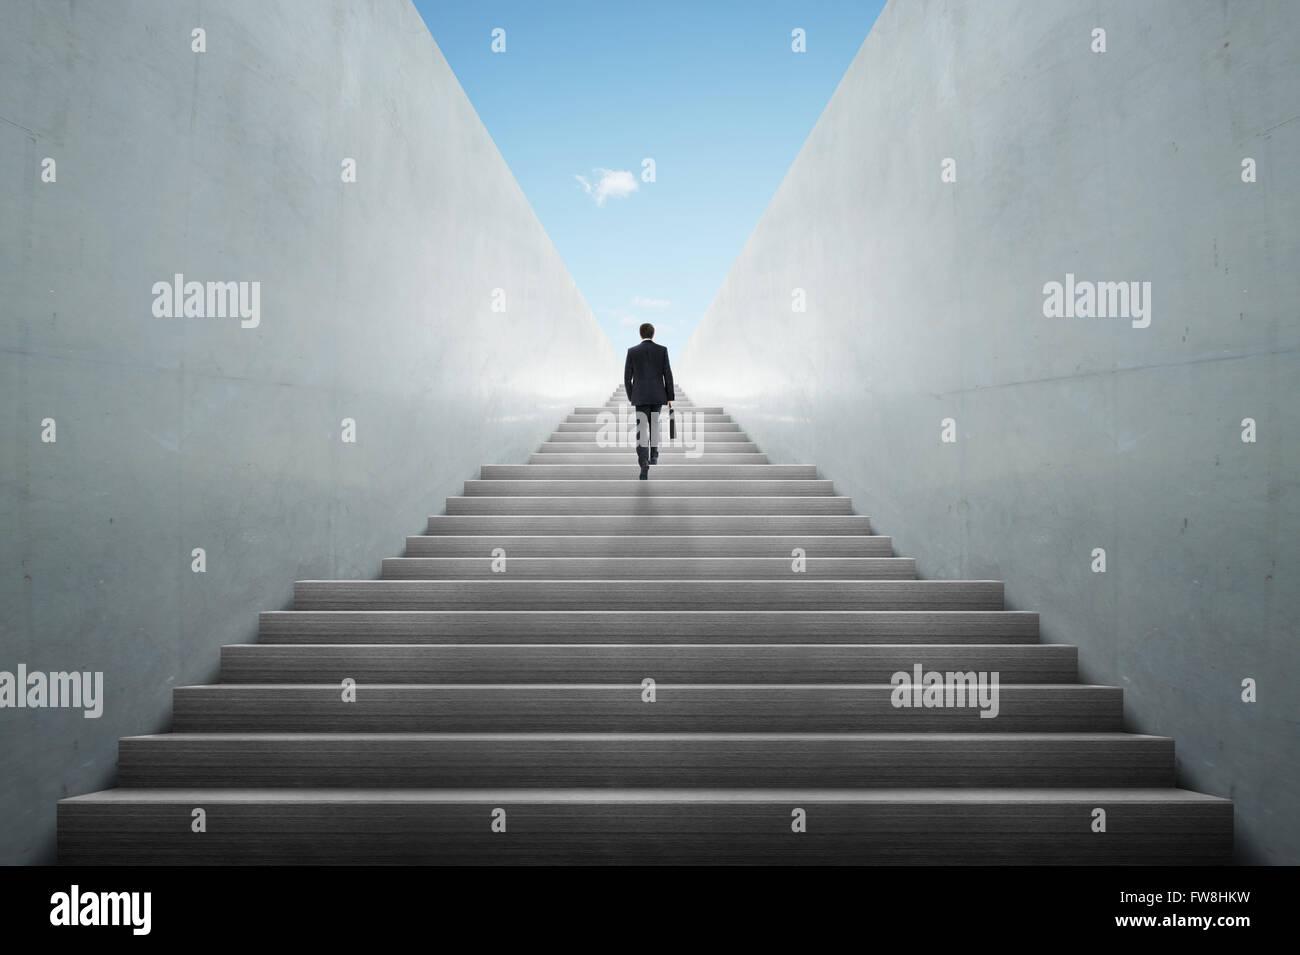 Concepto de ambiciones con el empresario subir escaleras Imagen De Stock